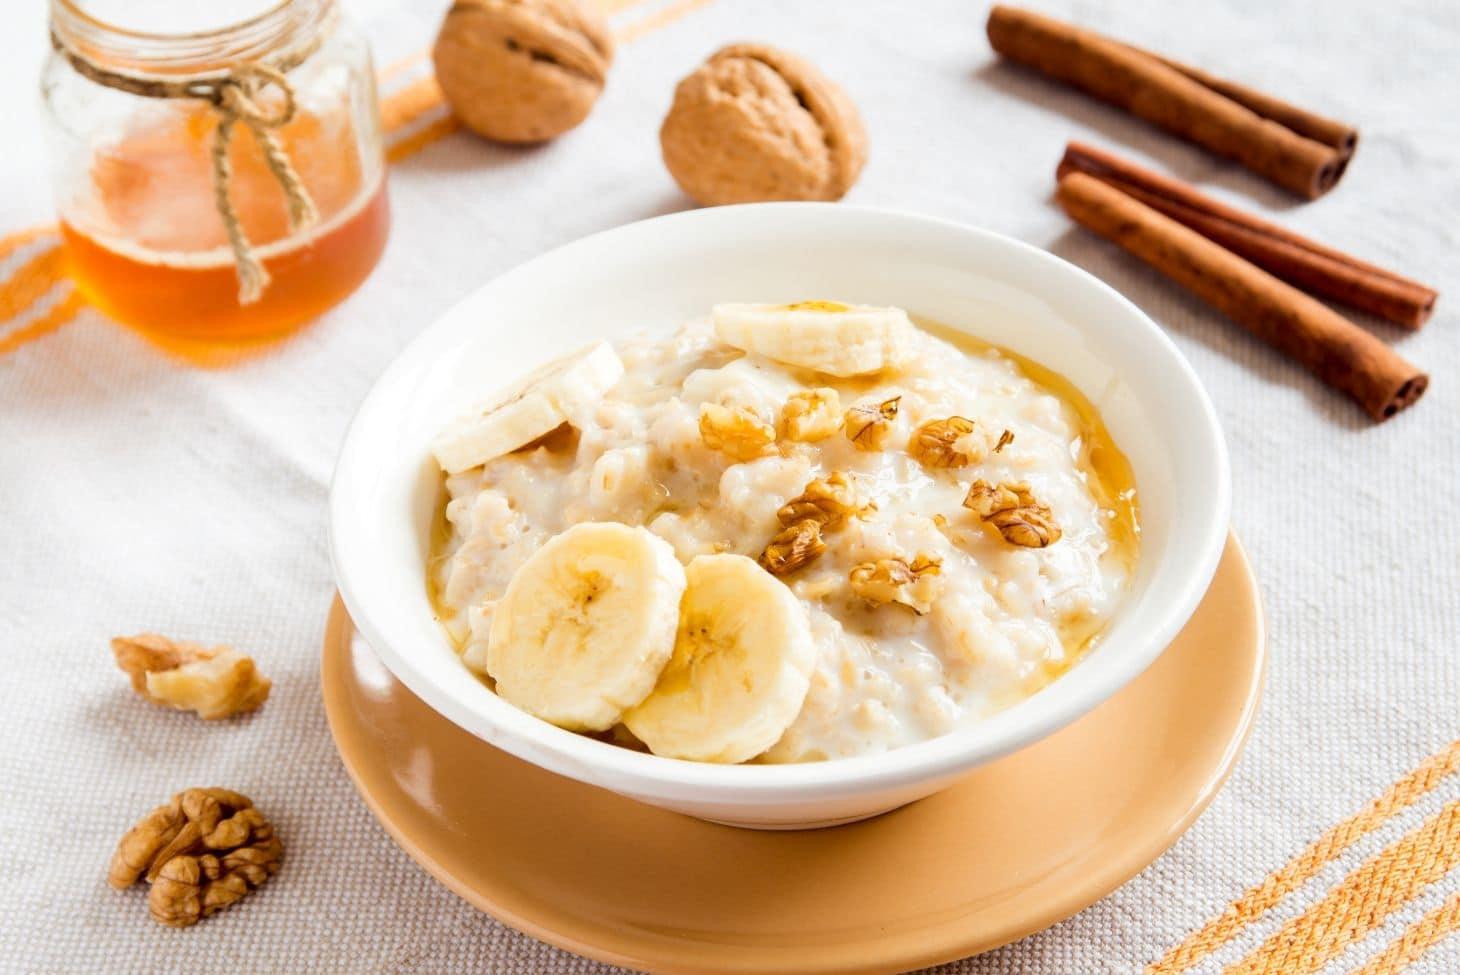 овсянка с бананом и орешками без соли